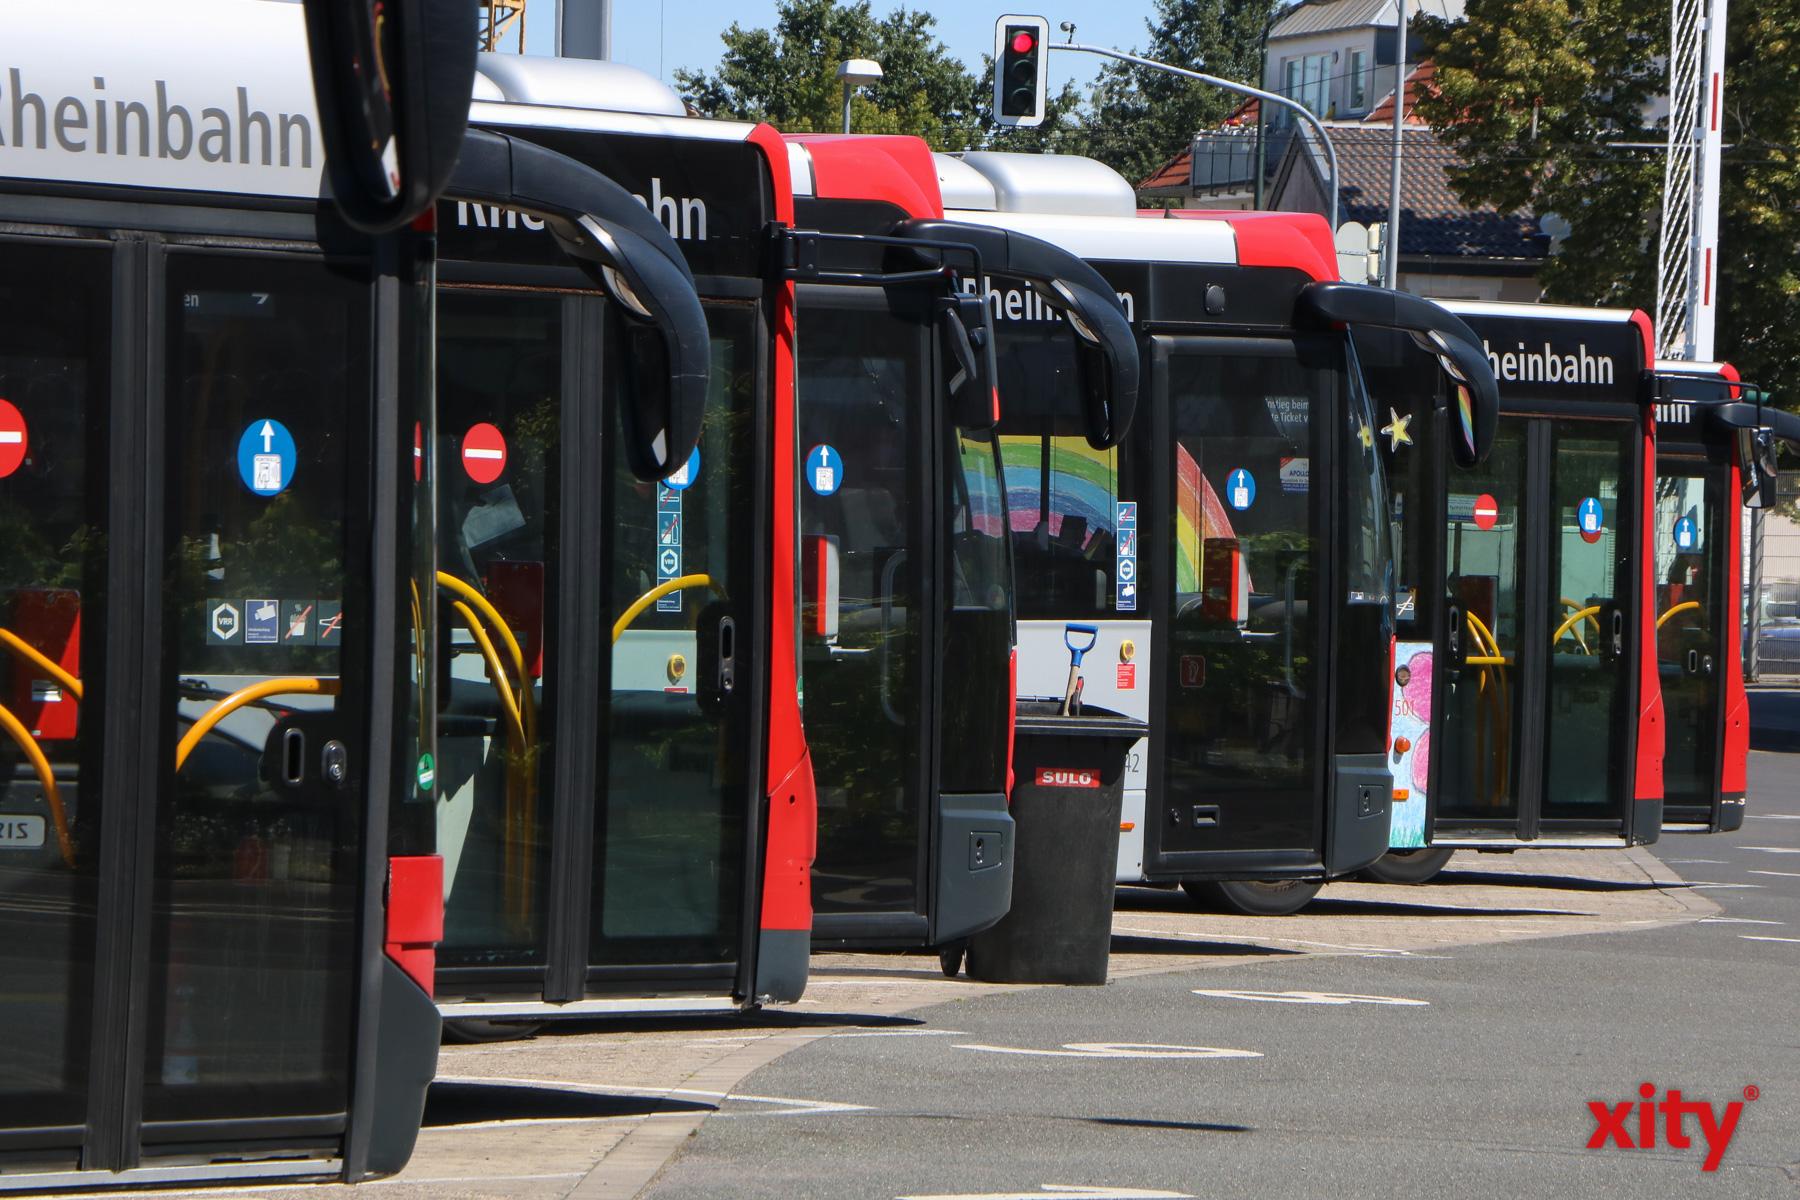 Änderung des Linienwegs: MetroBus-Linie M3 fährt über die Umweltspur (Foto: xity)